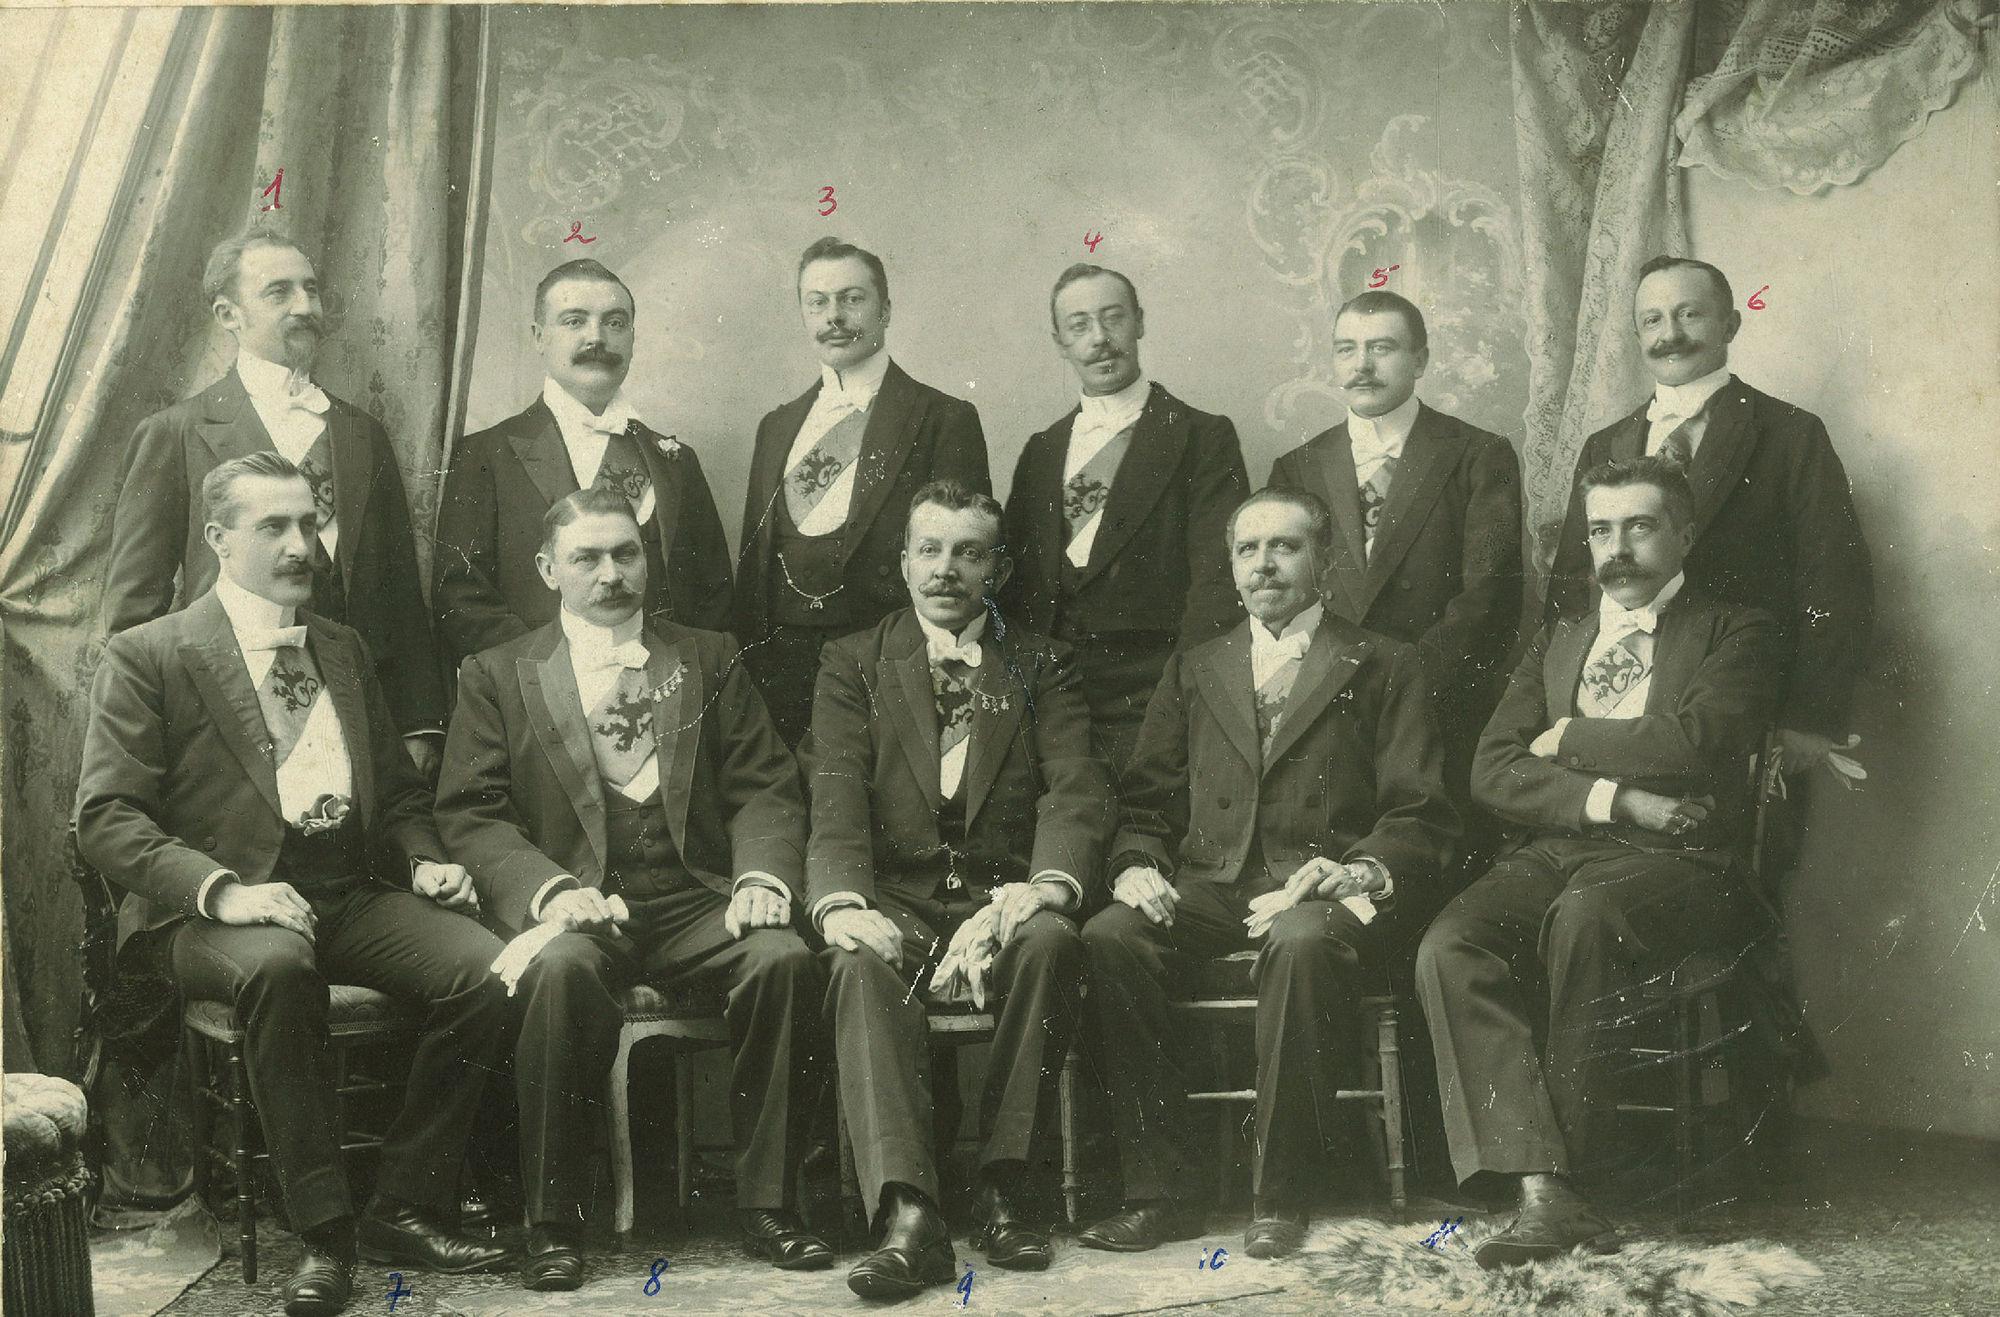 Inrichtingscomité Nationale Groeningefeesten, historische stoet